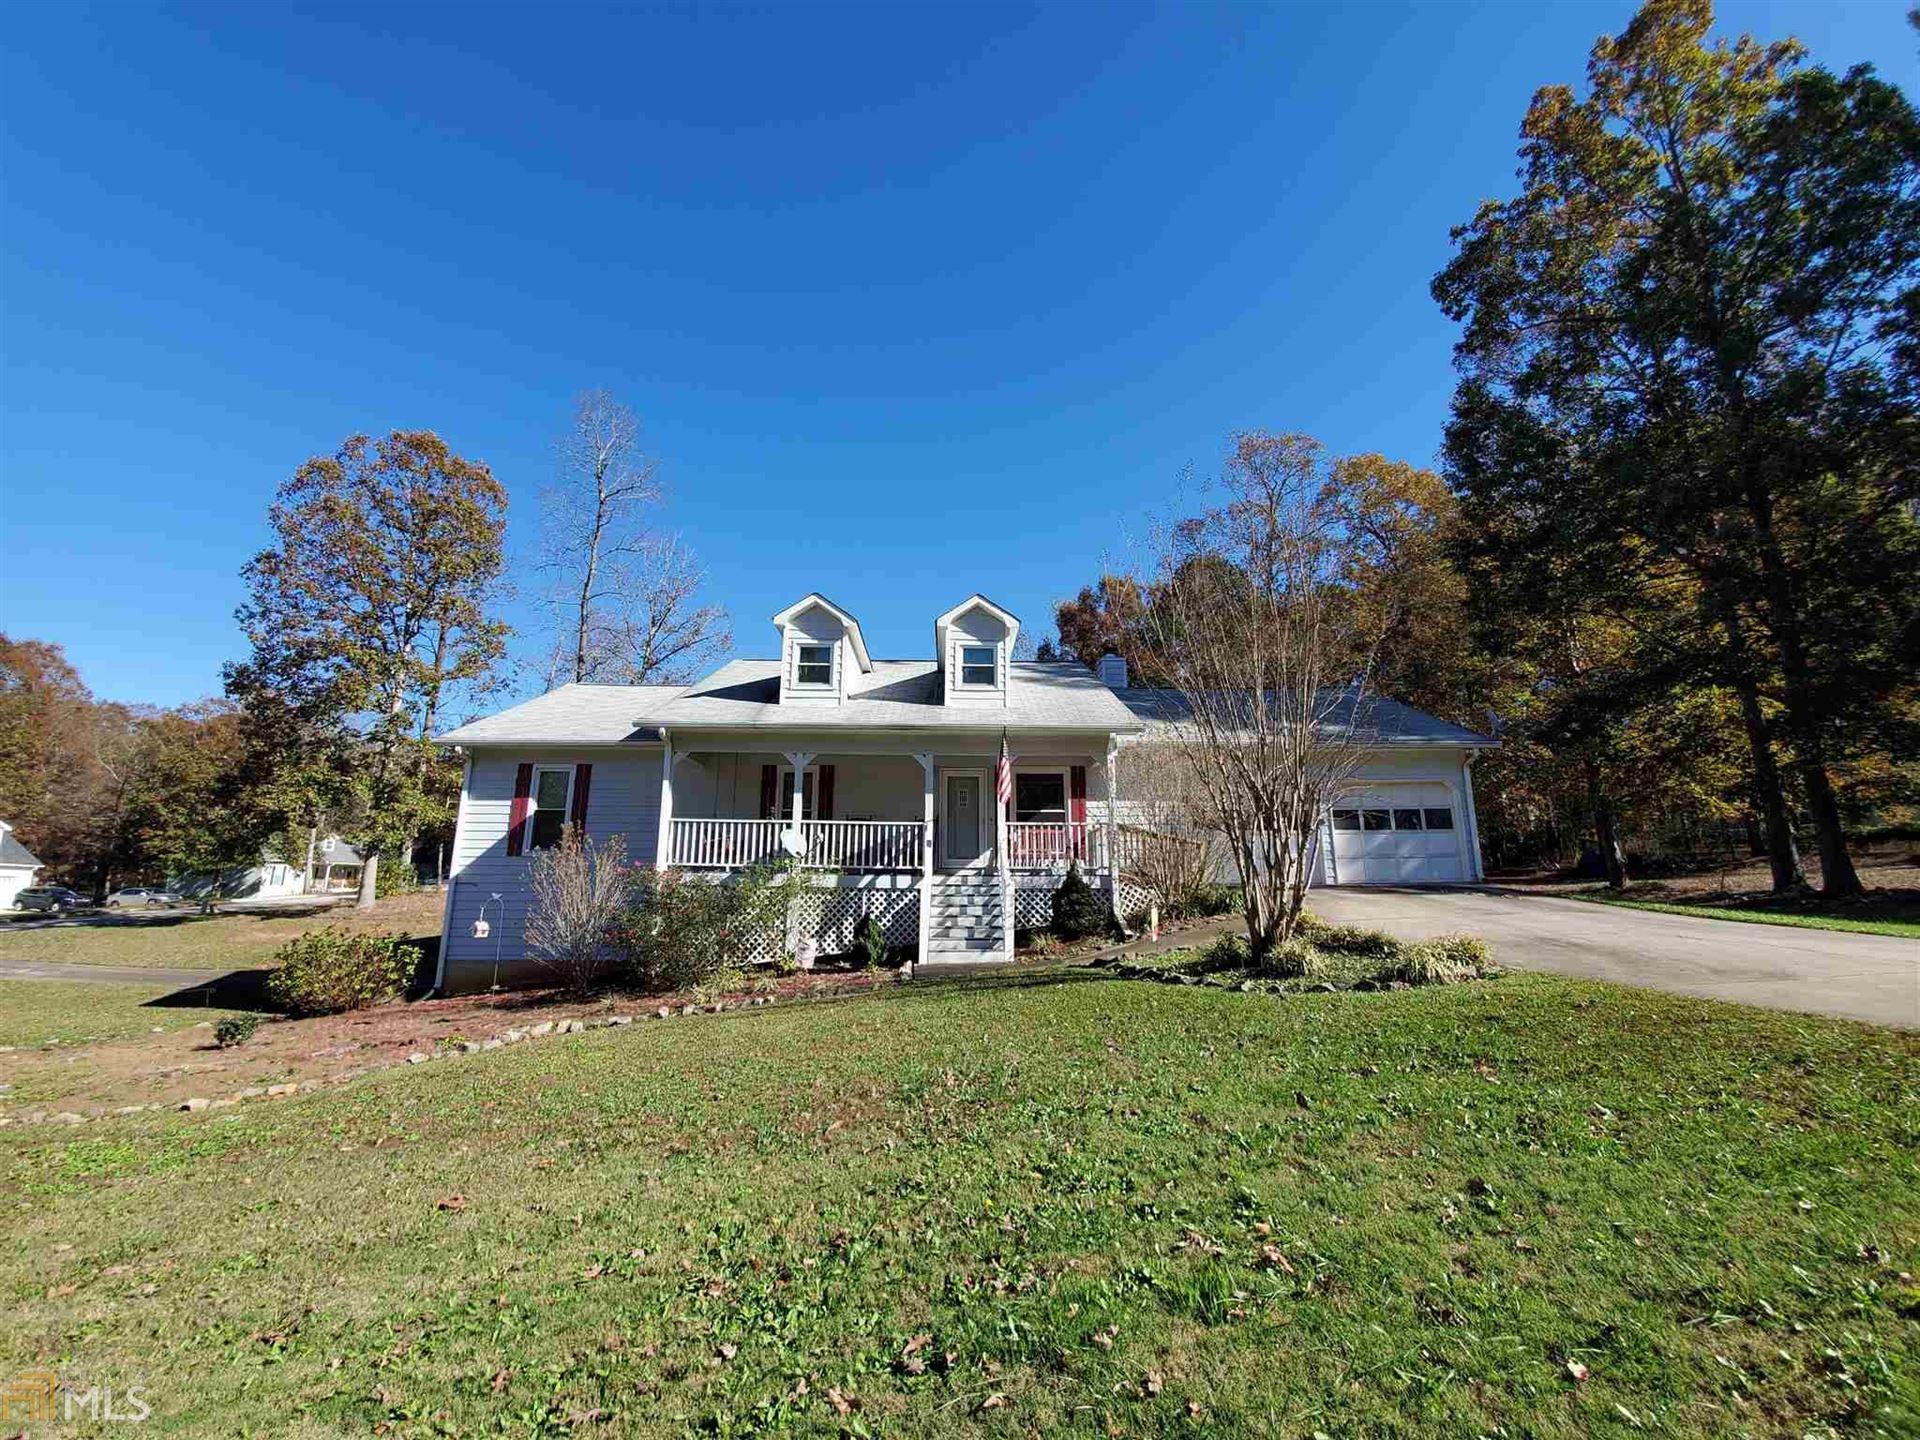 103 New Hood, Stockbridge, GA 30281 - MLS#: 8887955